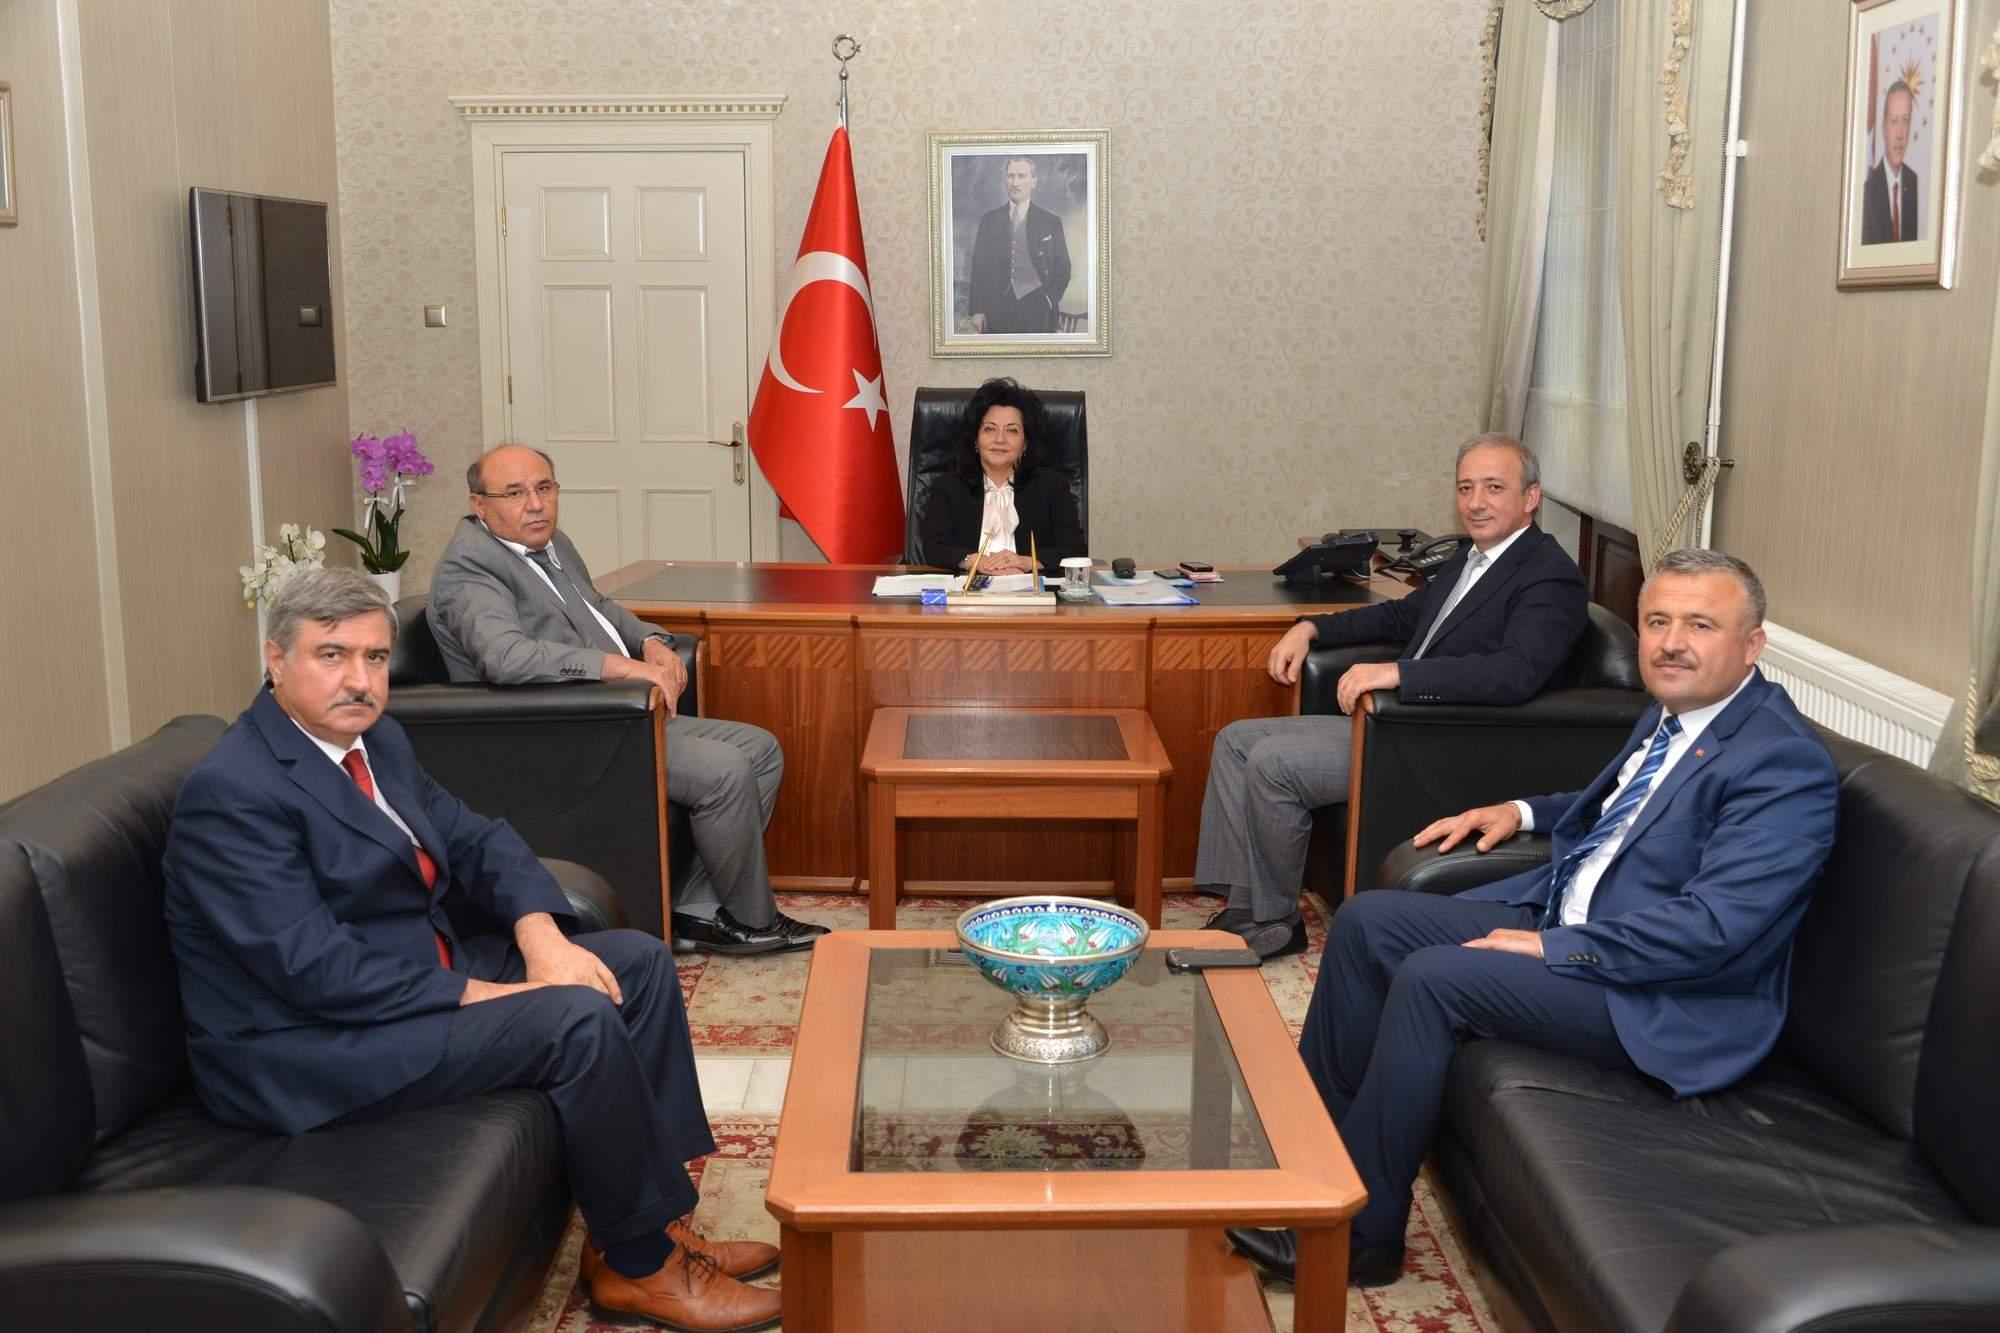 Belediye Başkanlarından Vali Civelek'e Hayırlı Olsun Ziyareti